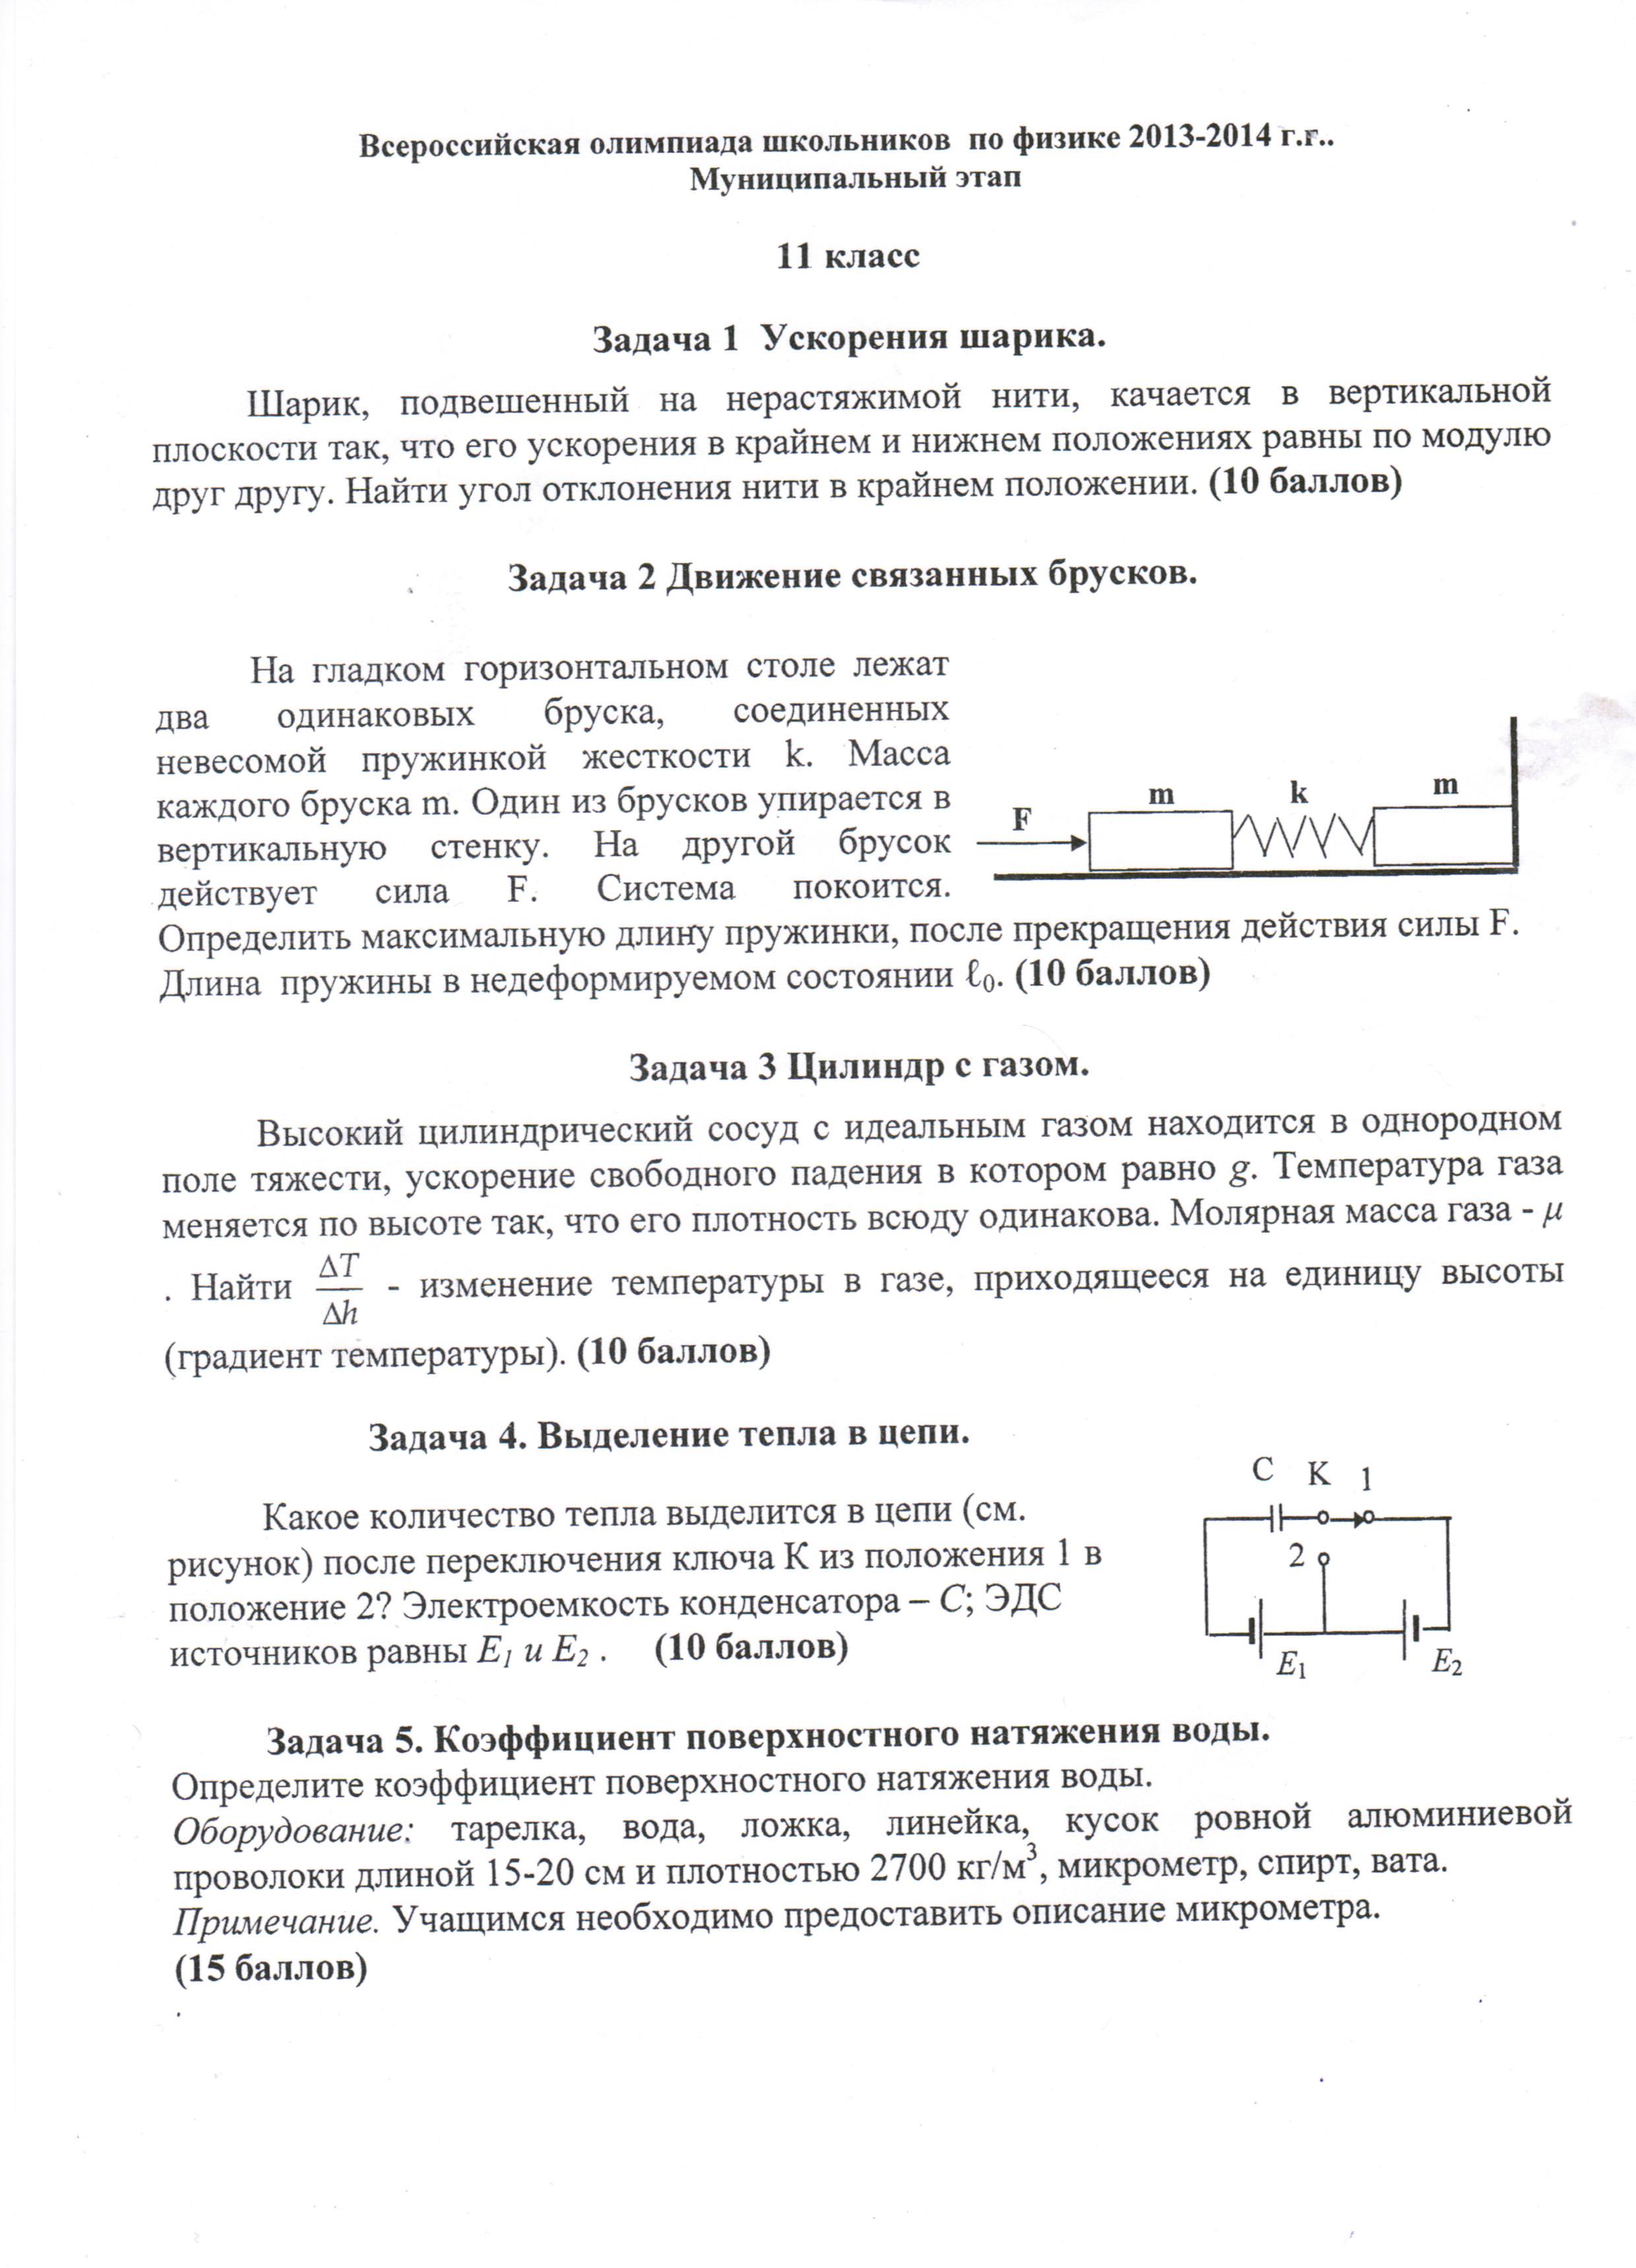 Районные олимпиадные задачи по математике с решениями 9 10 11 классы